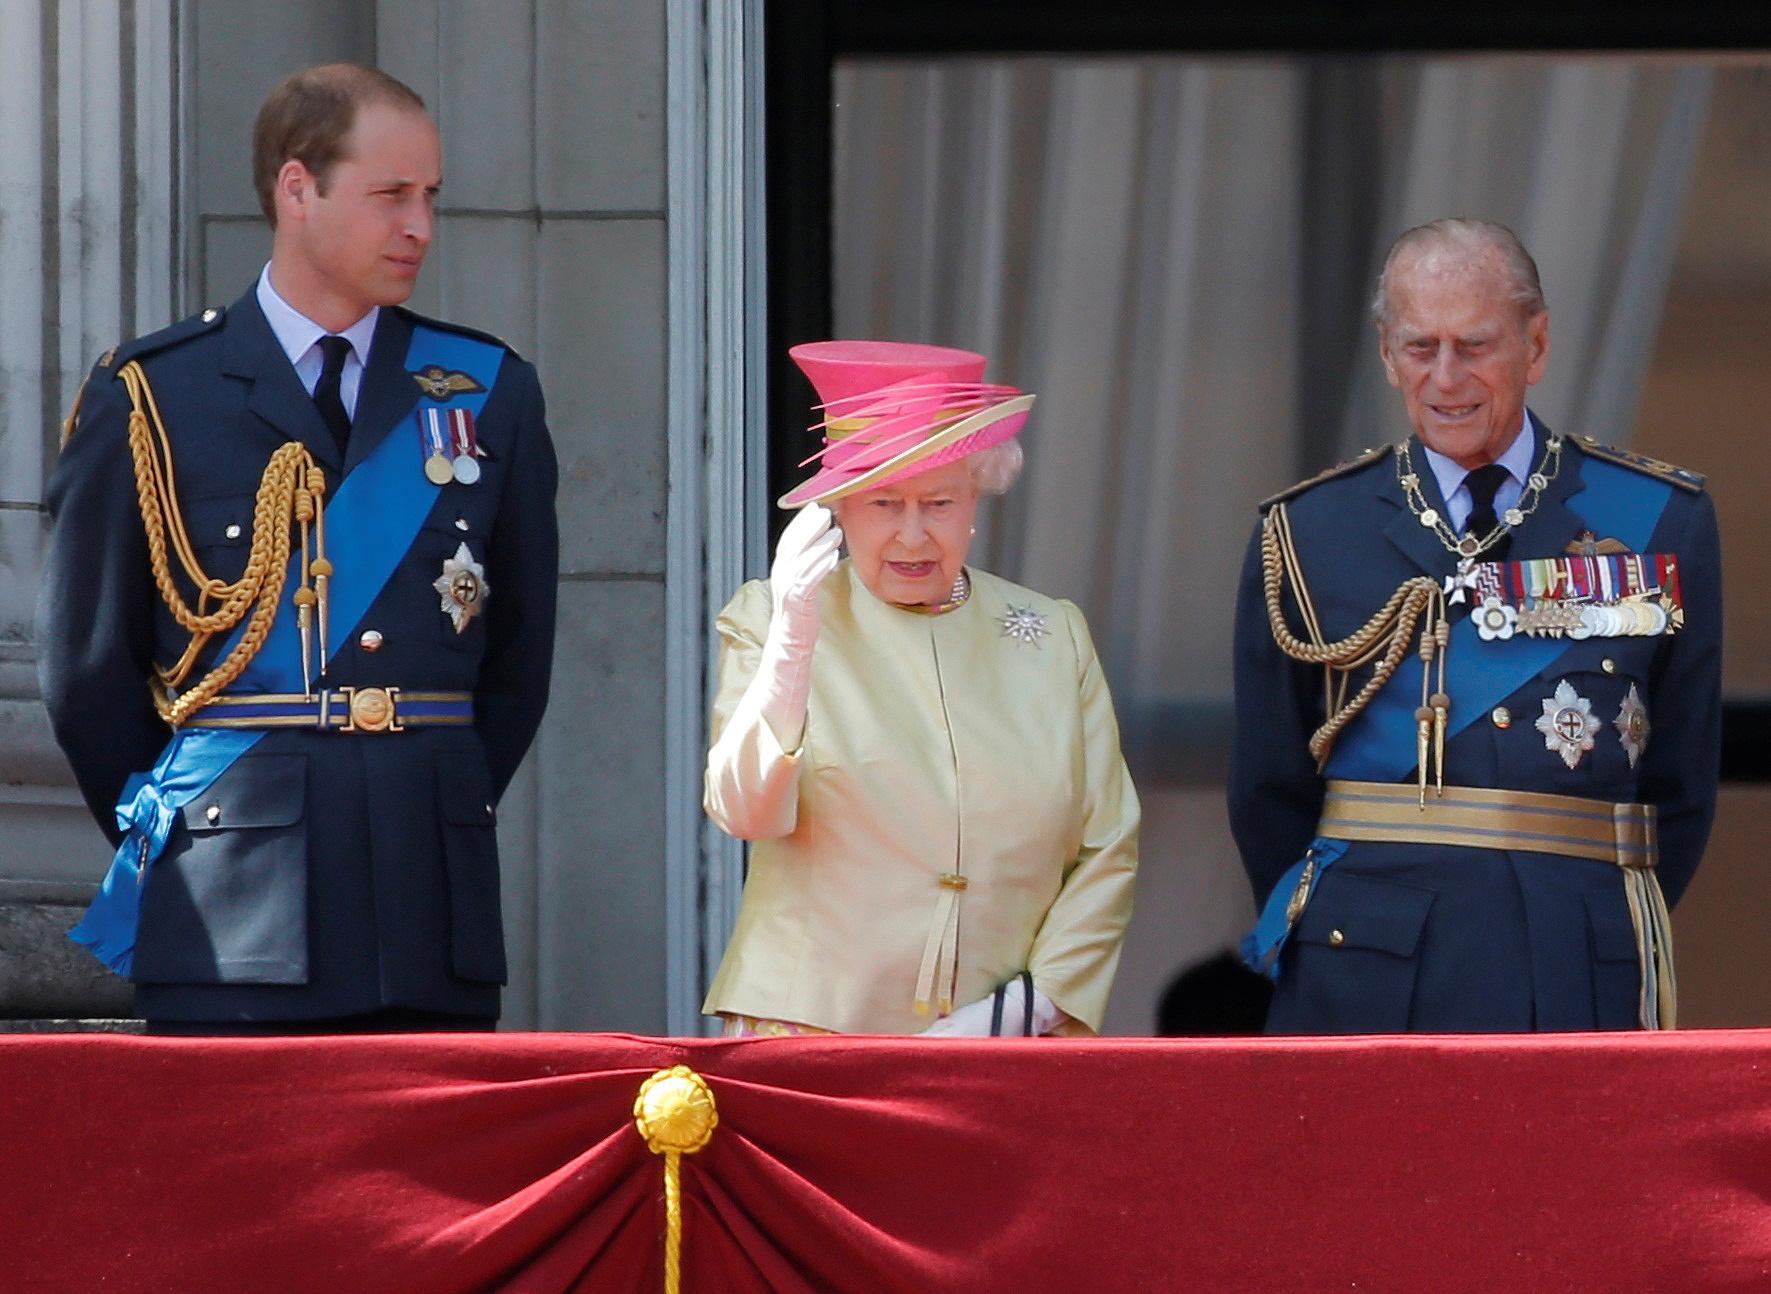 Συγκινεί ο Πρίγκιπας Γουίλιαμ: «Θα μου λείψεις παππού»